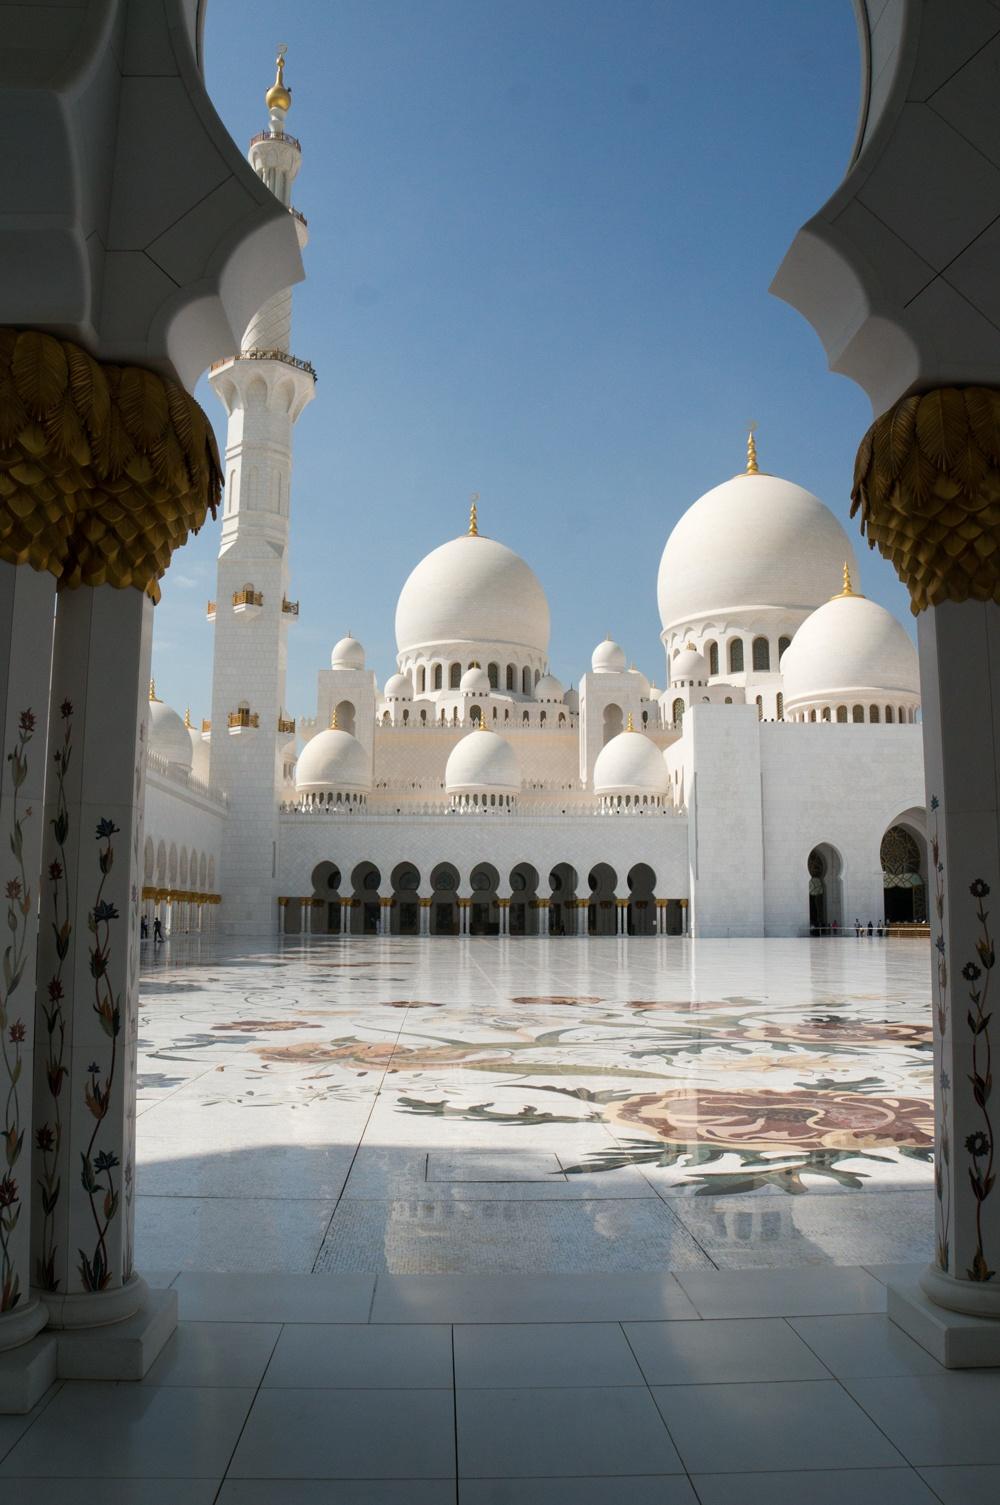 Sheikh Zayed Bin Sultan Al Nahyan Moschee